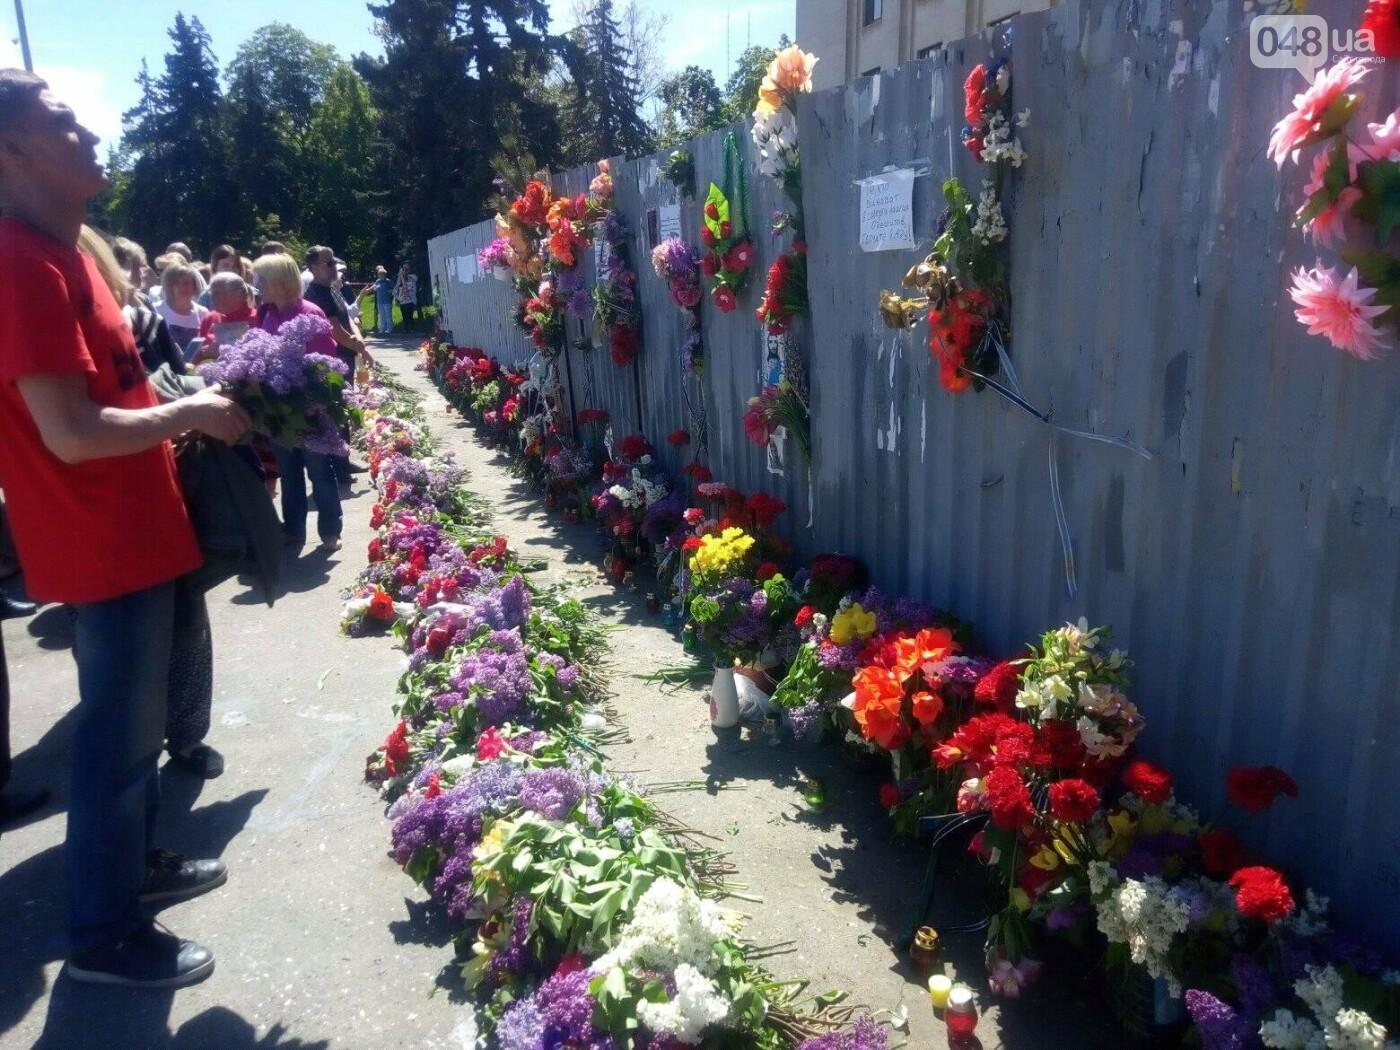 Как Одесса пережила 4-ю годовщину 2 мая: хронология событий (ФОТО, ВИДЕО), фото-14